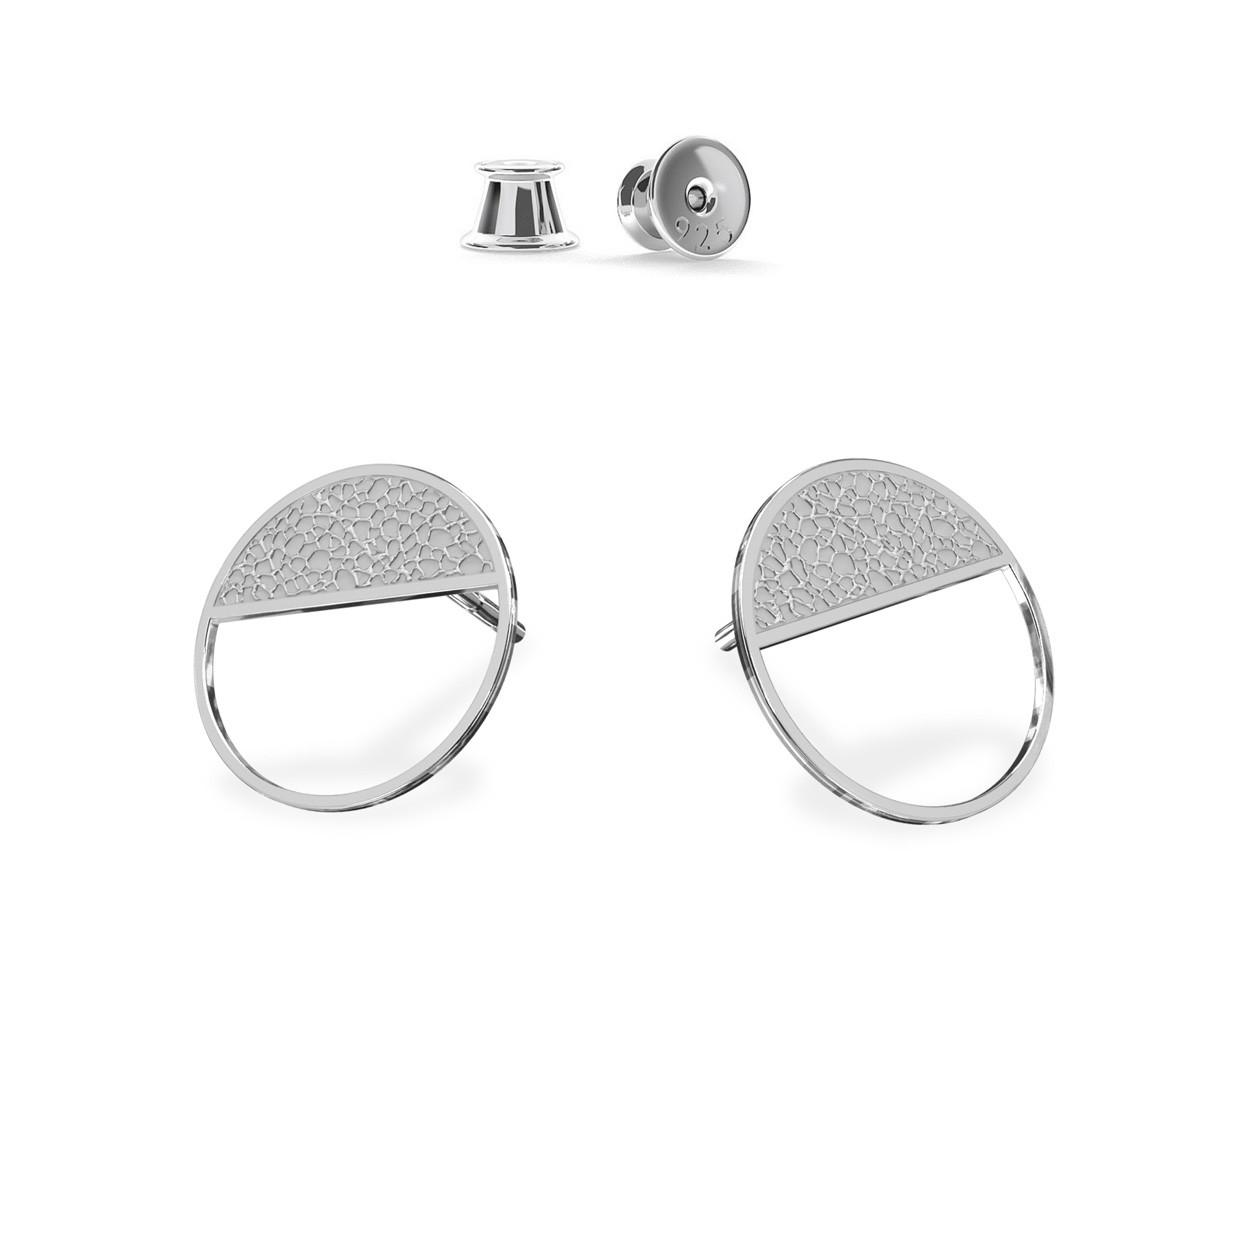 Kolczyki figura geometryczna koło, srebro 925